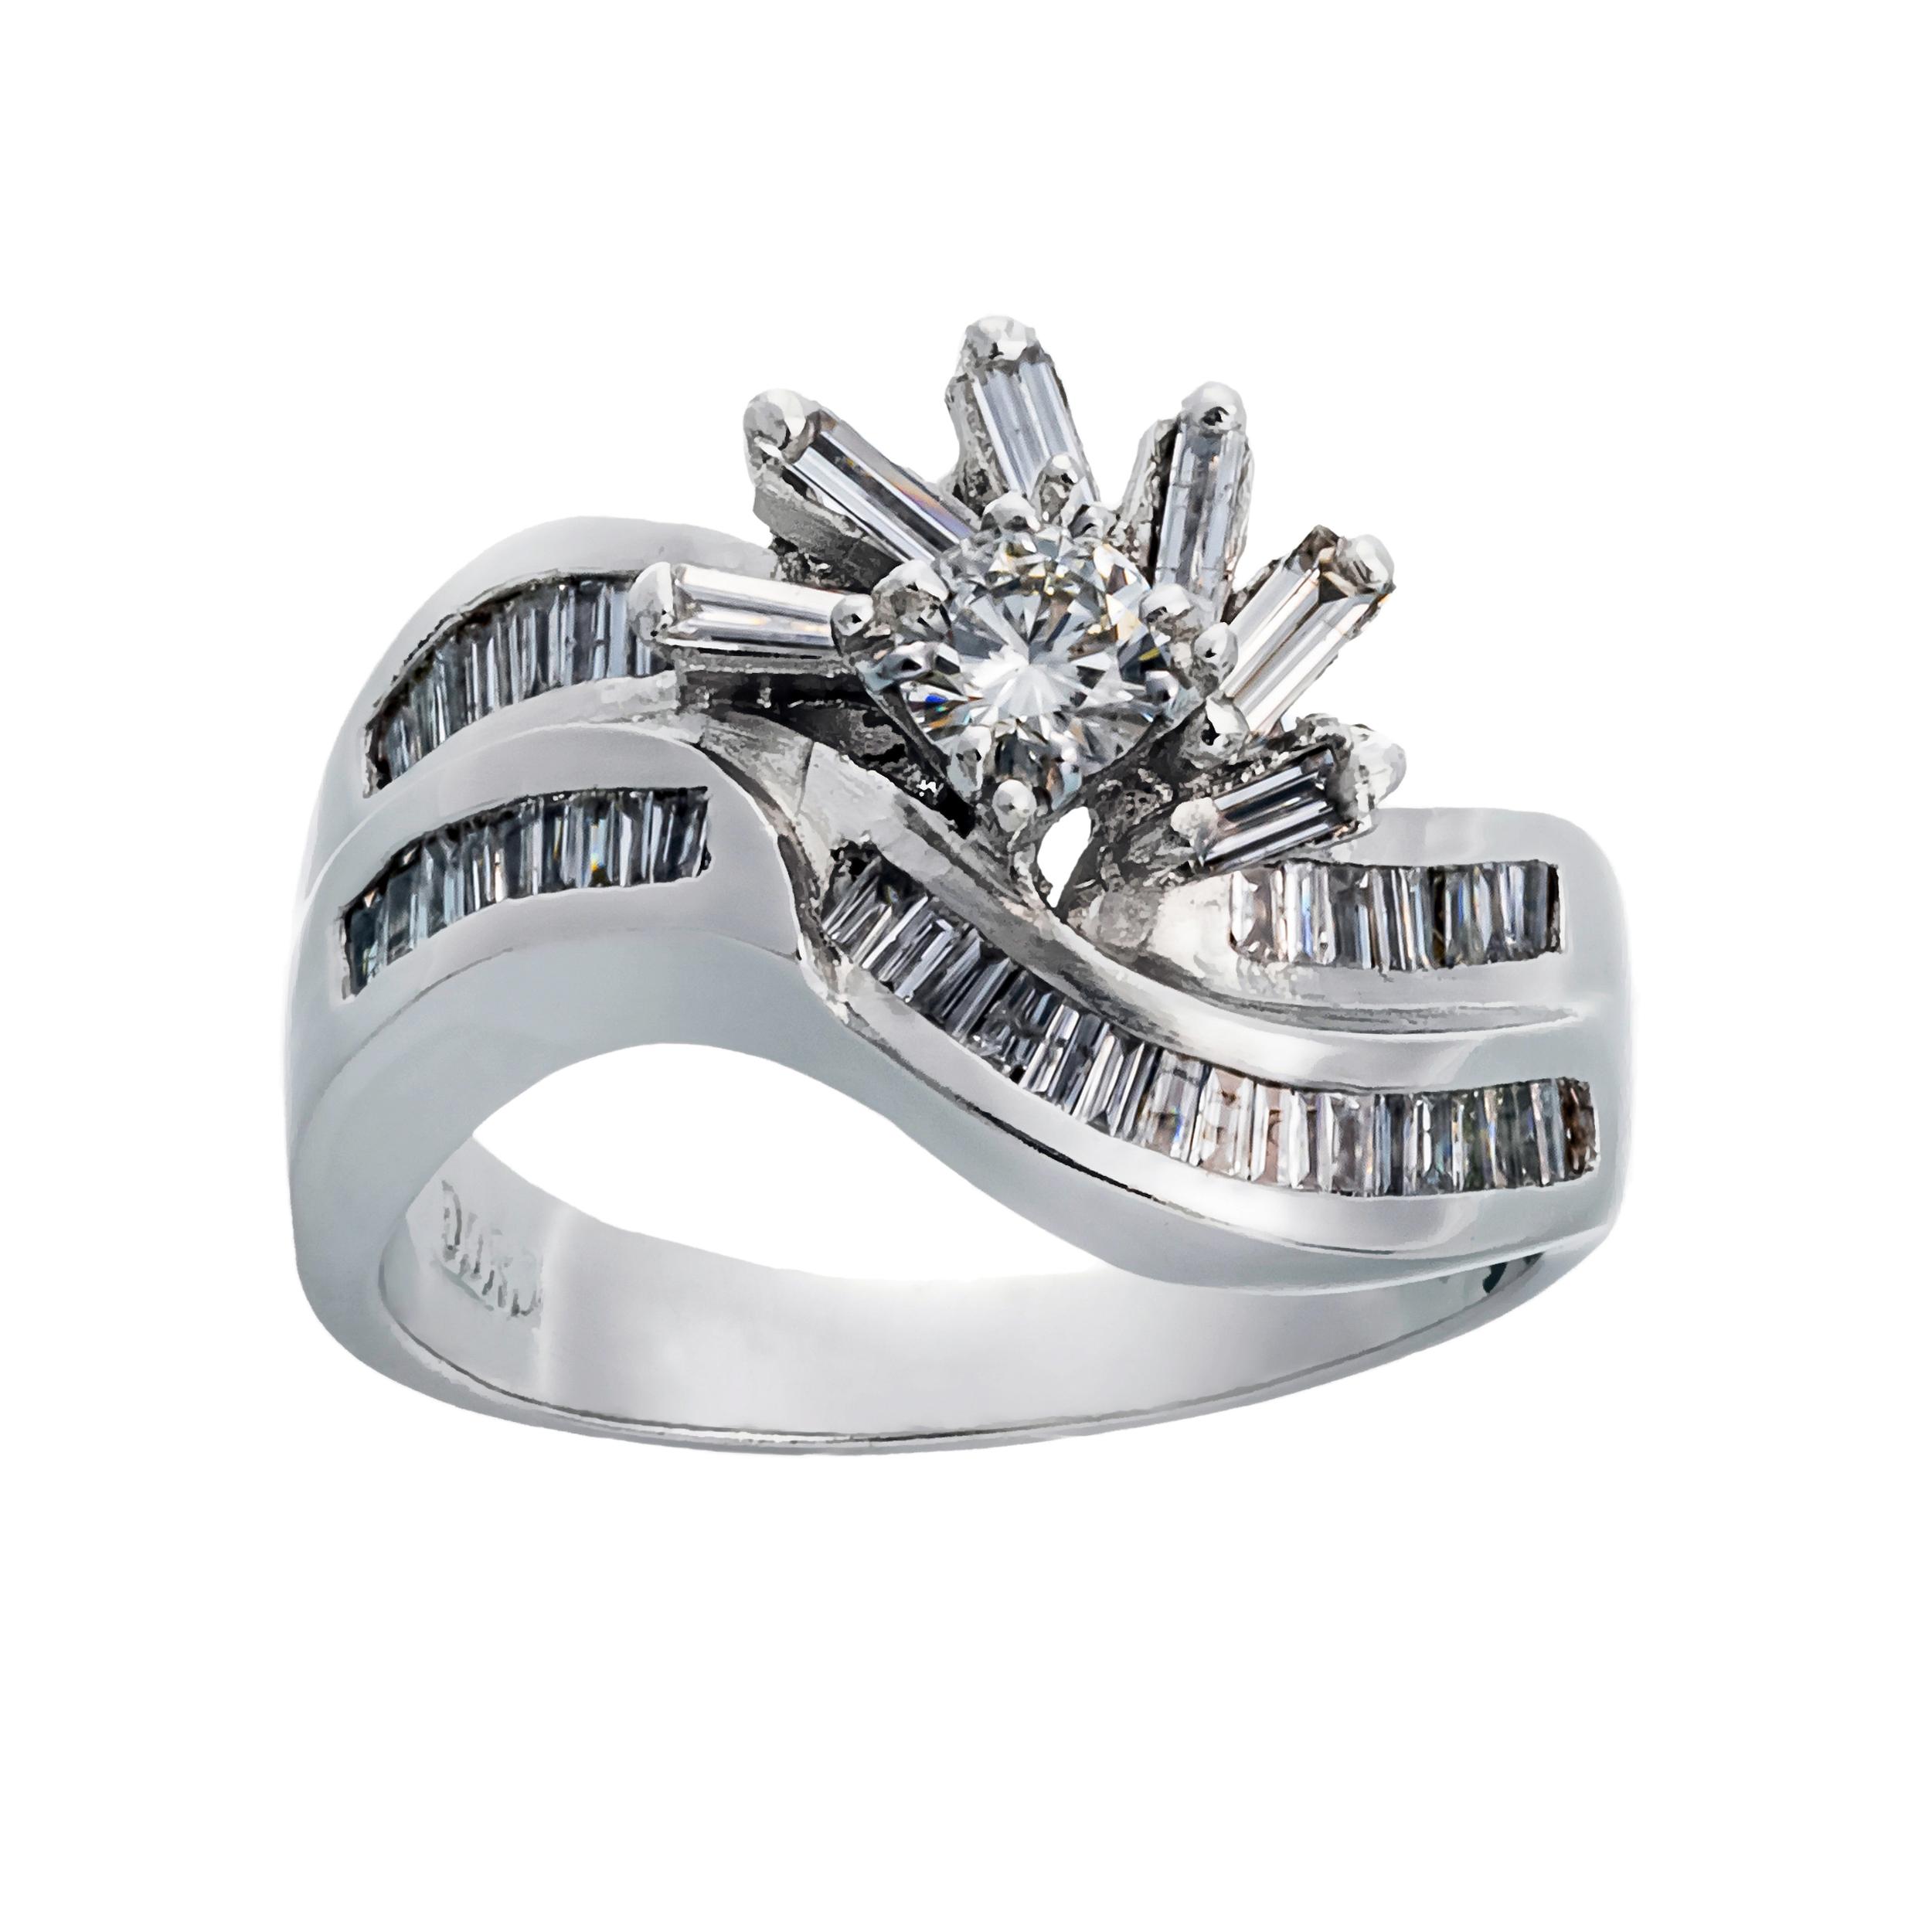 راهنمای خرید انگشتر طلا 18 عیار زنانه جواهری سون مدل 2431 لیست قیمت